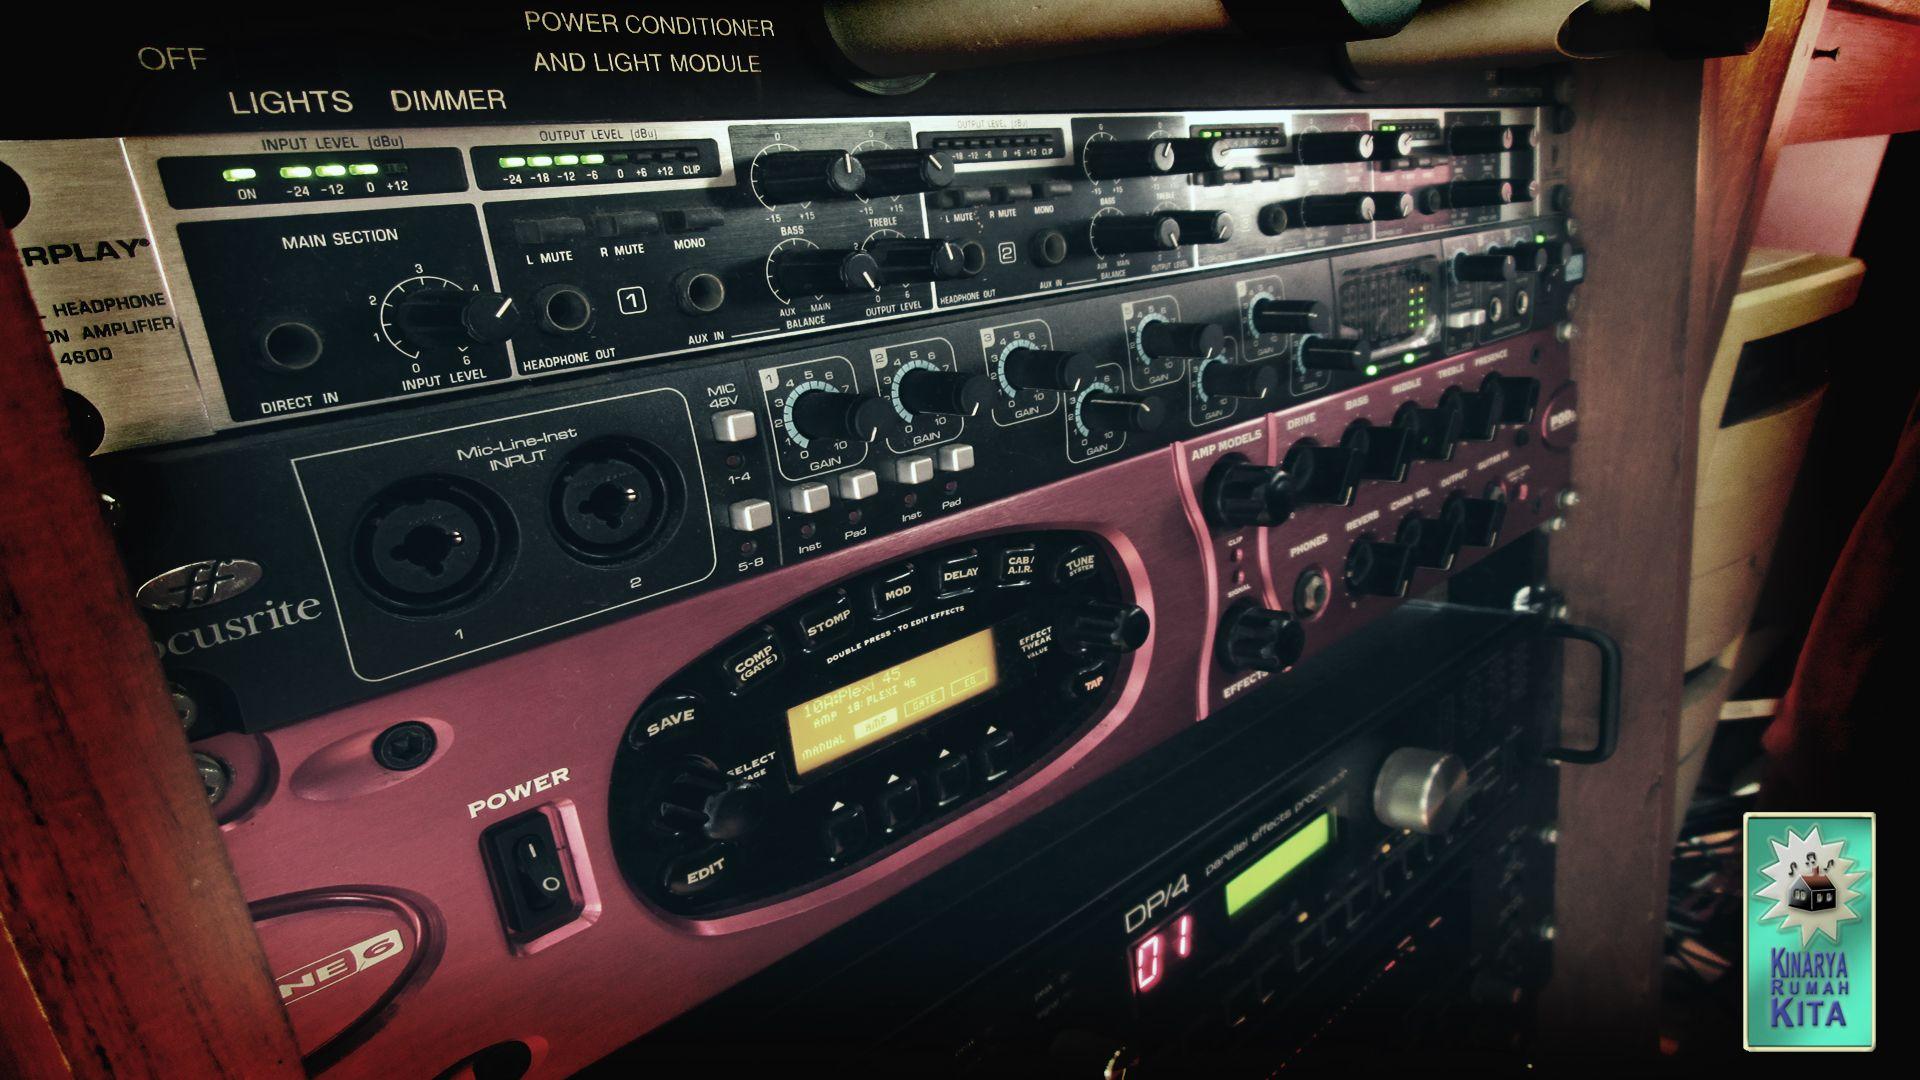 POD XT Pro Safire 40 Behringer Powerplay Pro-XL HA4700 | www krk co id